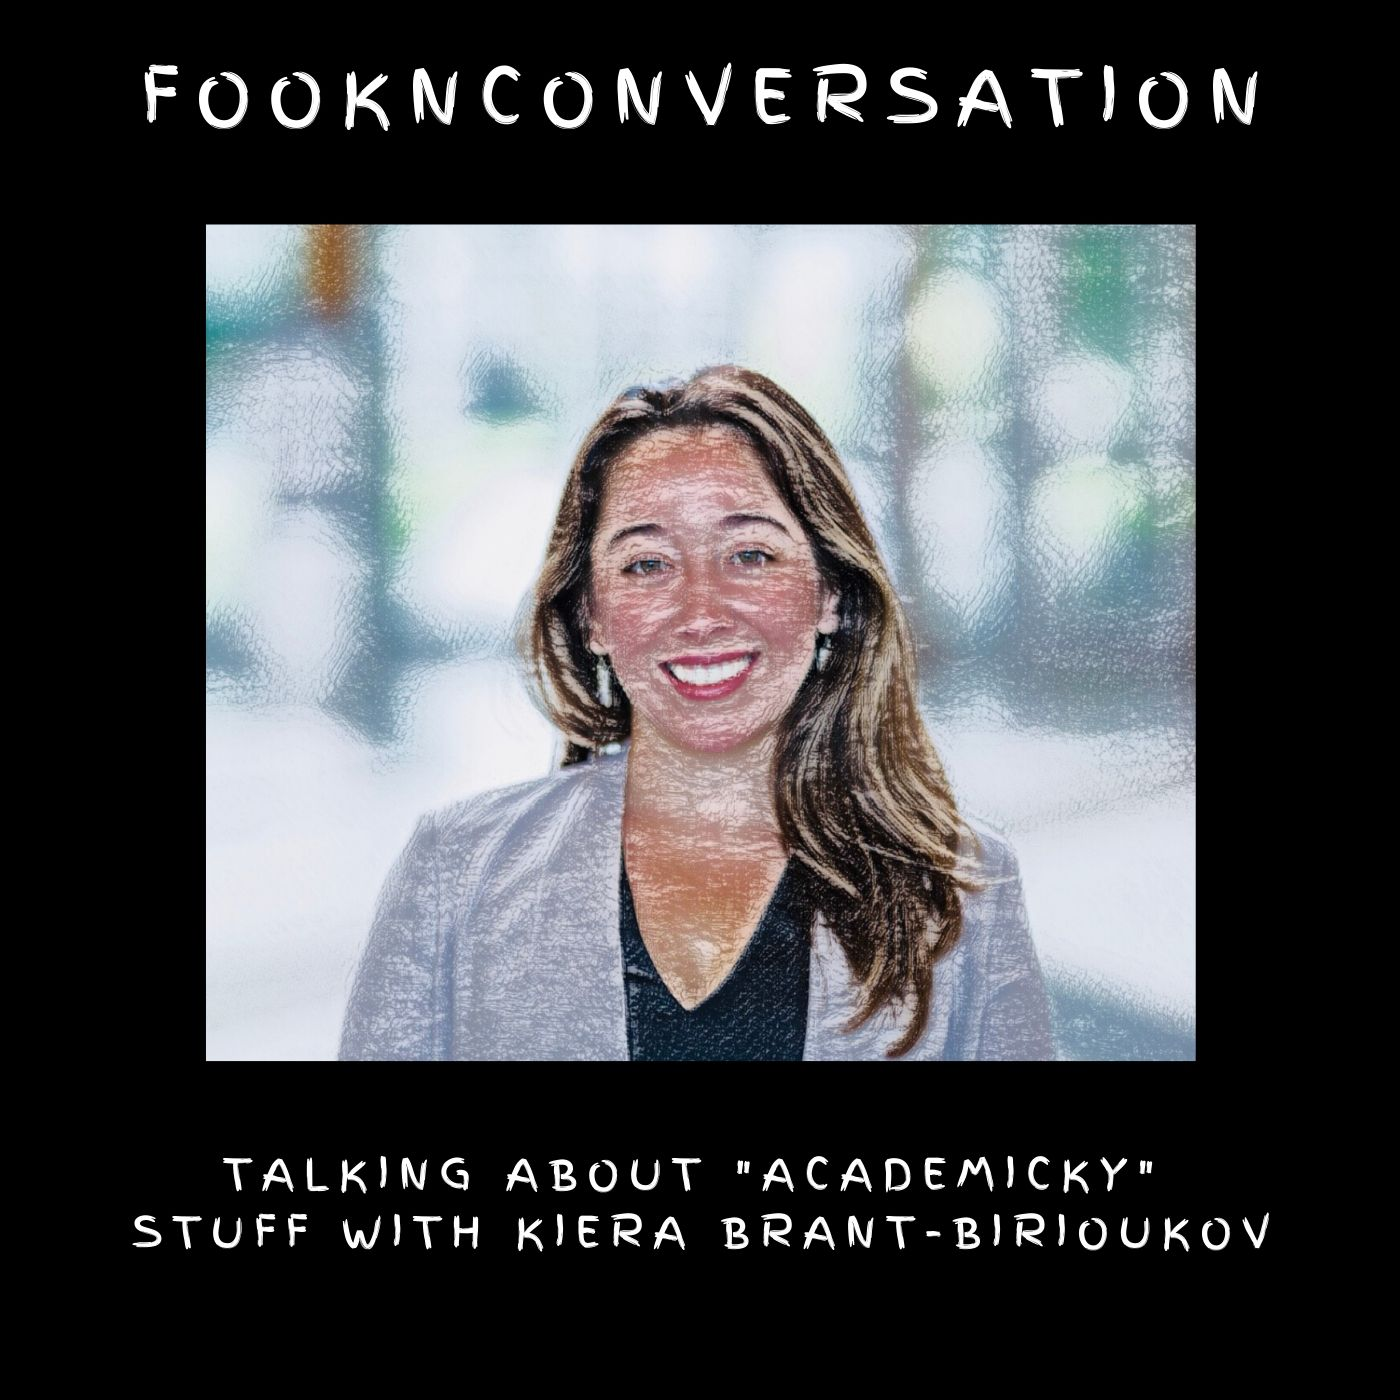 FooknConversation-Kiera_Brant-Birioukov